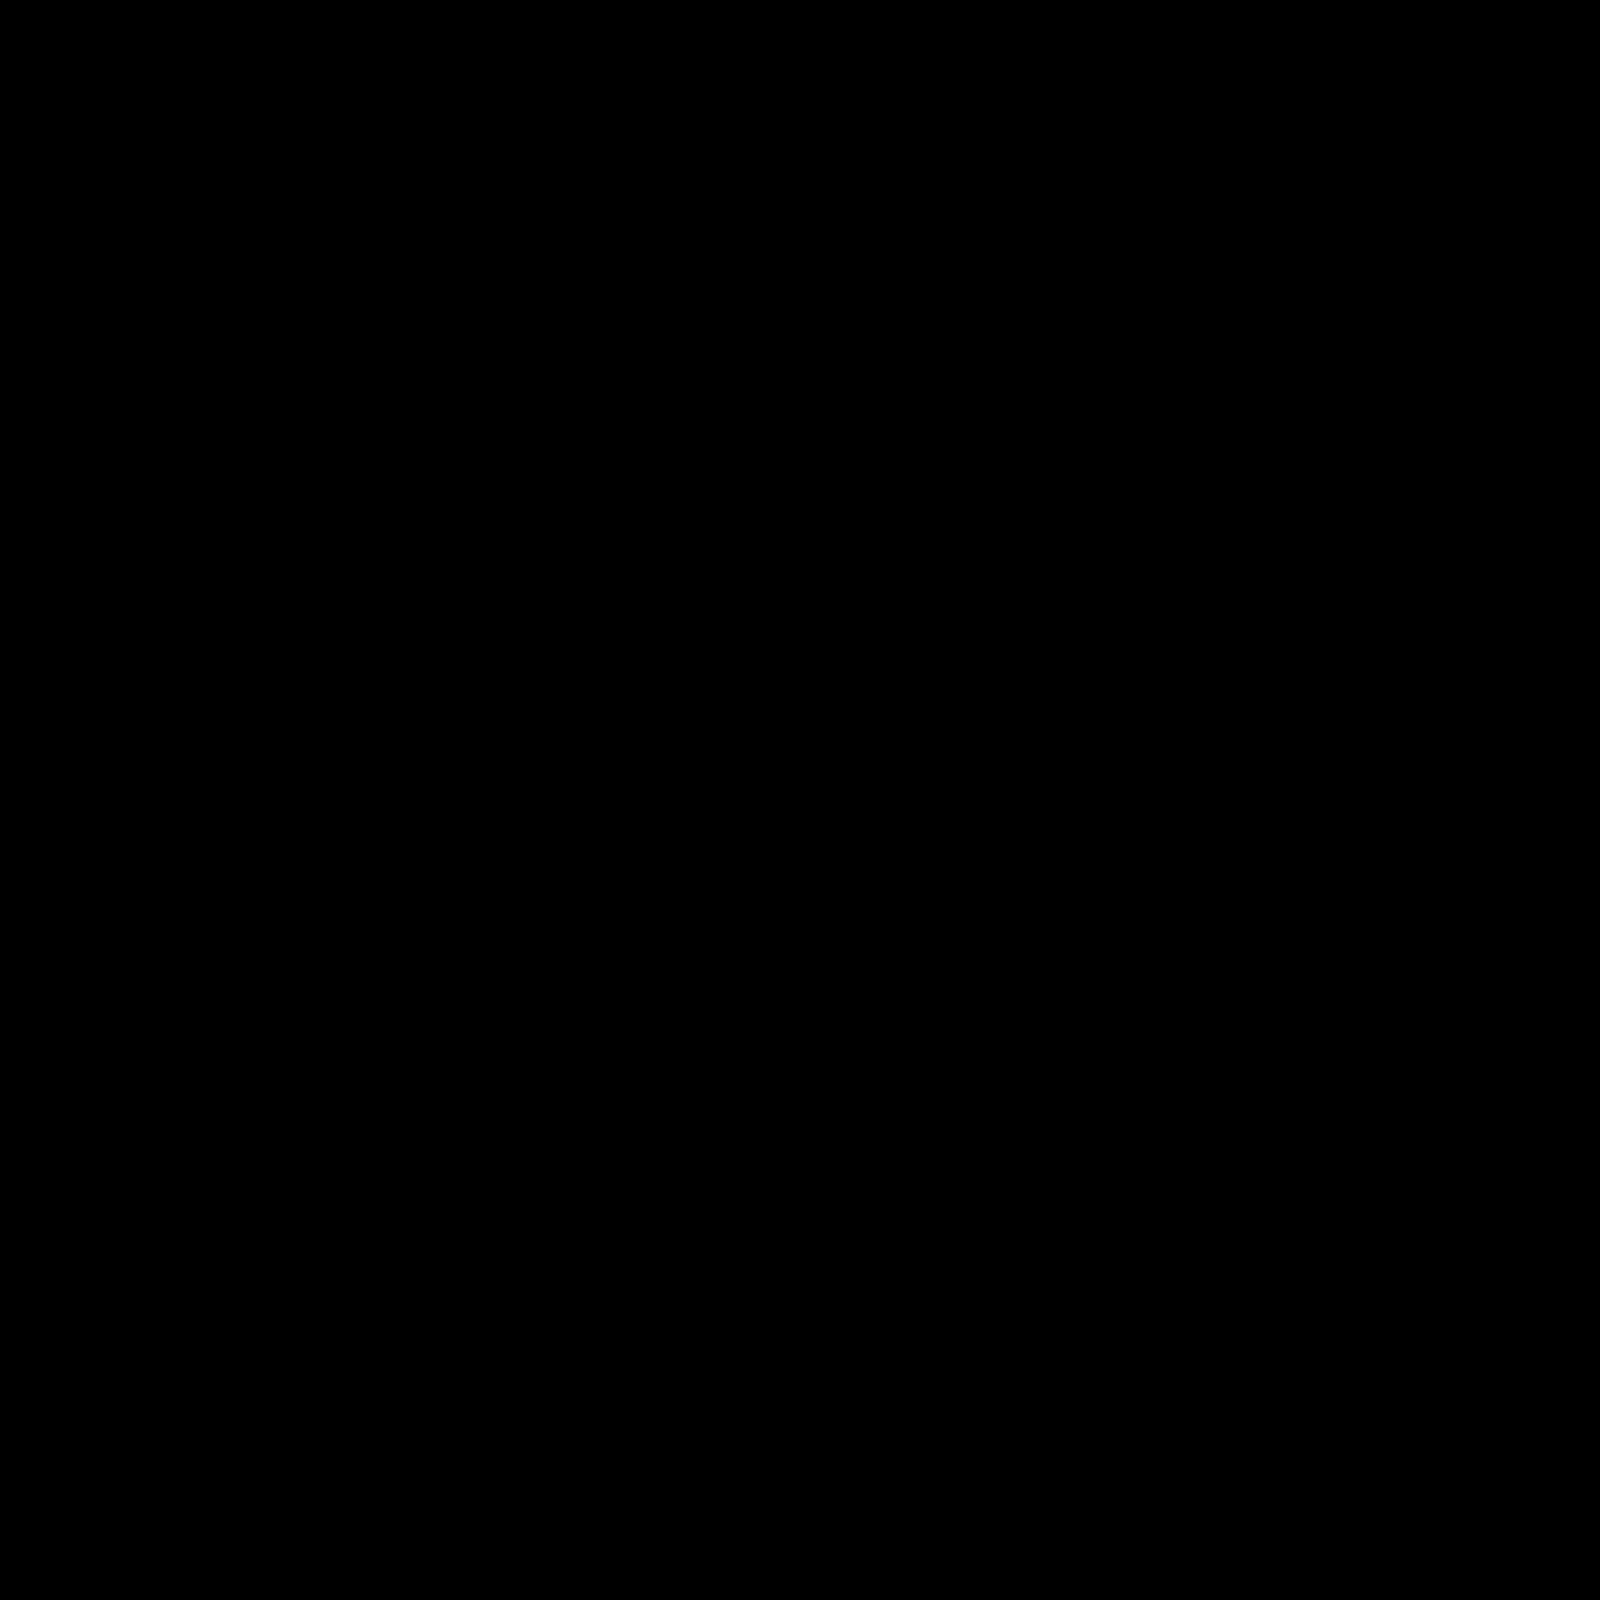 1600x1600 New Message Icono